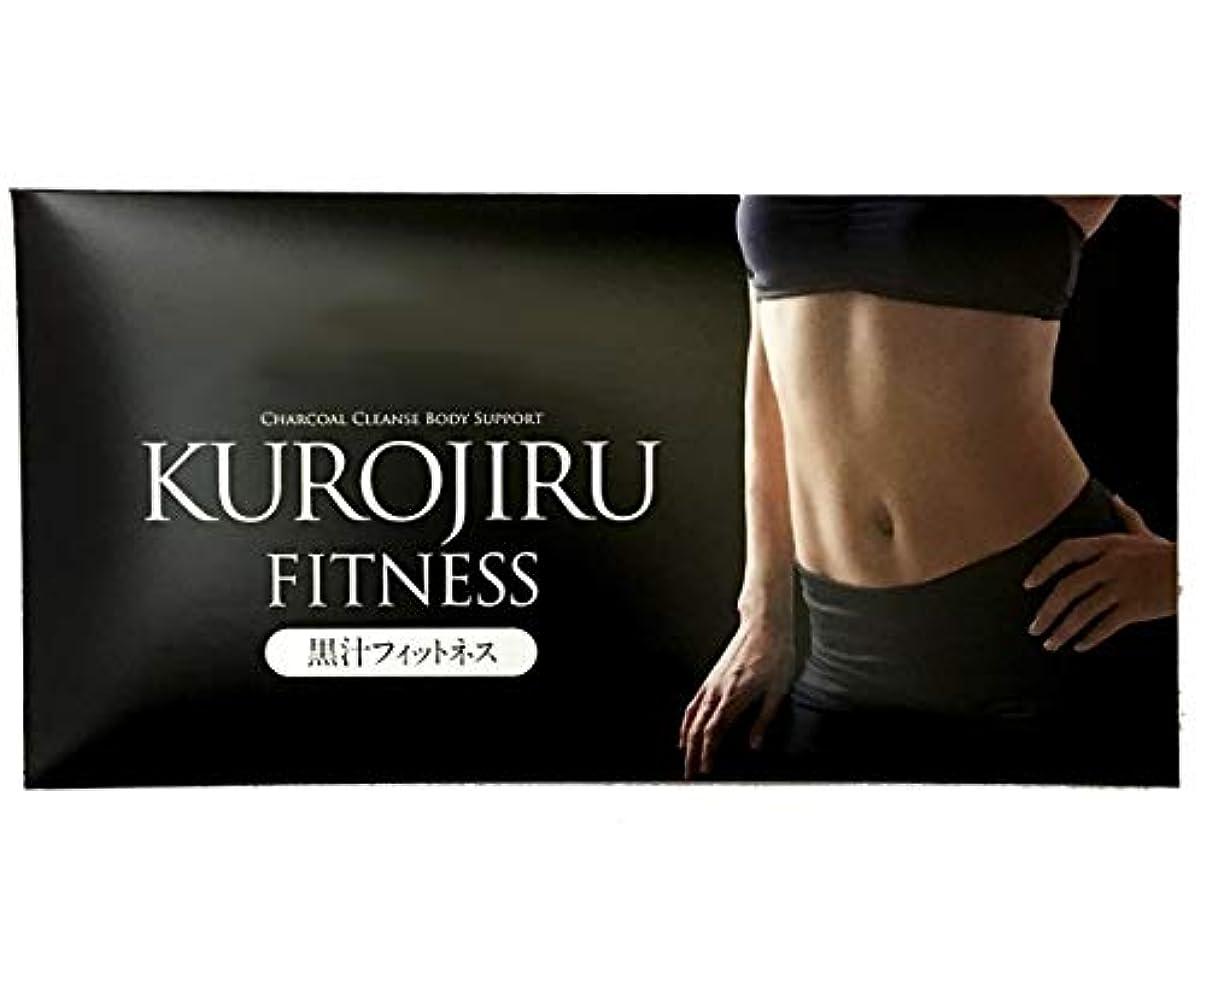 熟読クレーン湿度黒汁フィットネス(KUROJIRU FITNESS) 30包 チャコールクレンズ 赤松活性炭 オリゴ糖 サラシアエキス 酵素